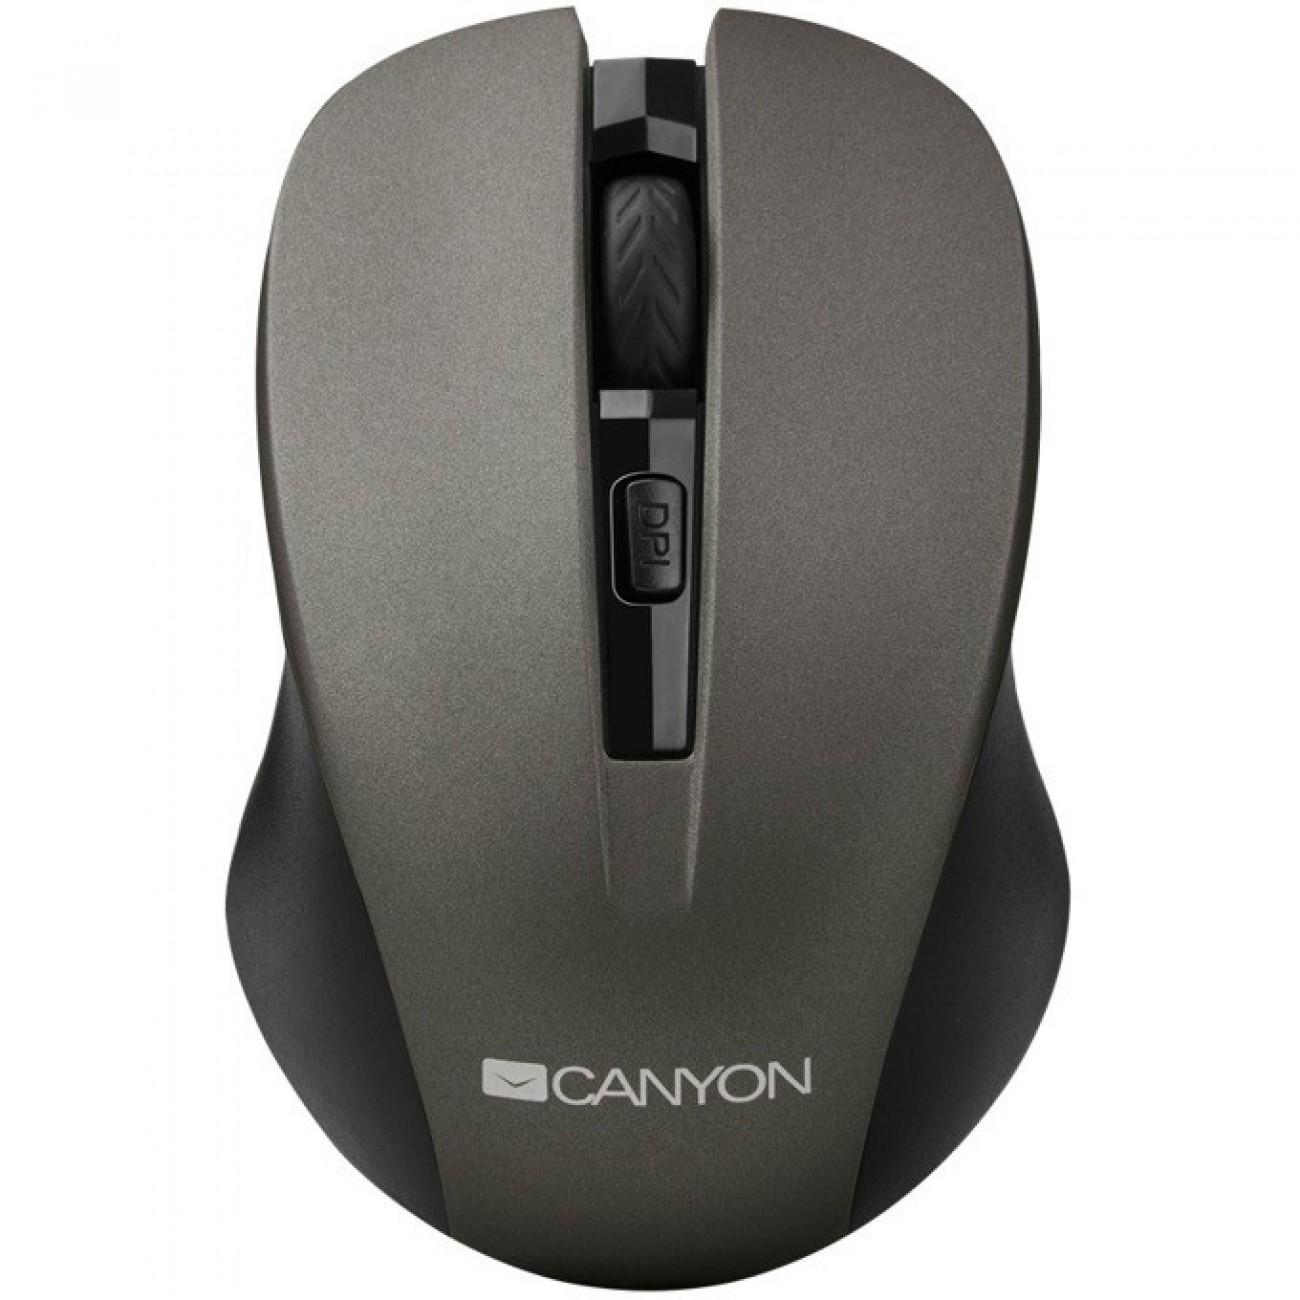 Мишка Canyon CNE-CMSW1, оптична, безжична, 1200dpi, USB, черна в Мишки -  | Alleop